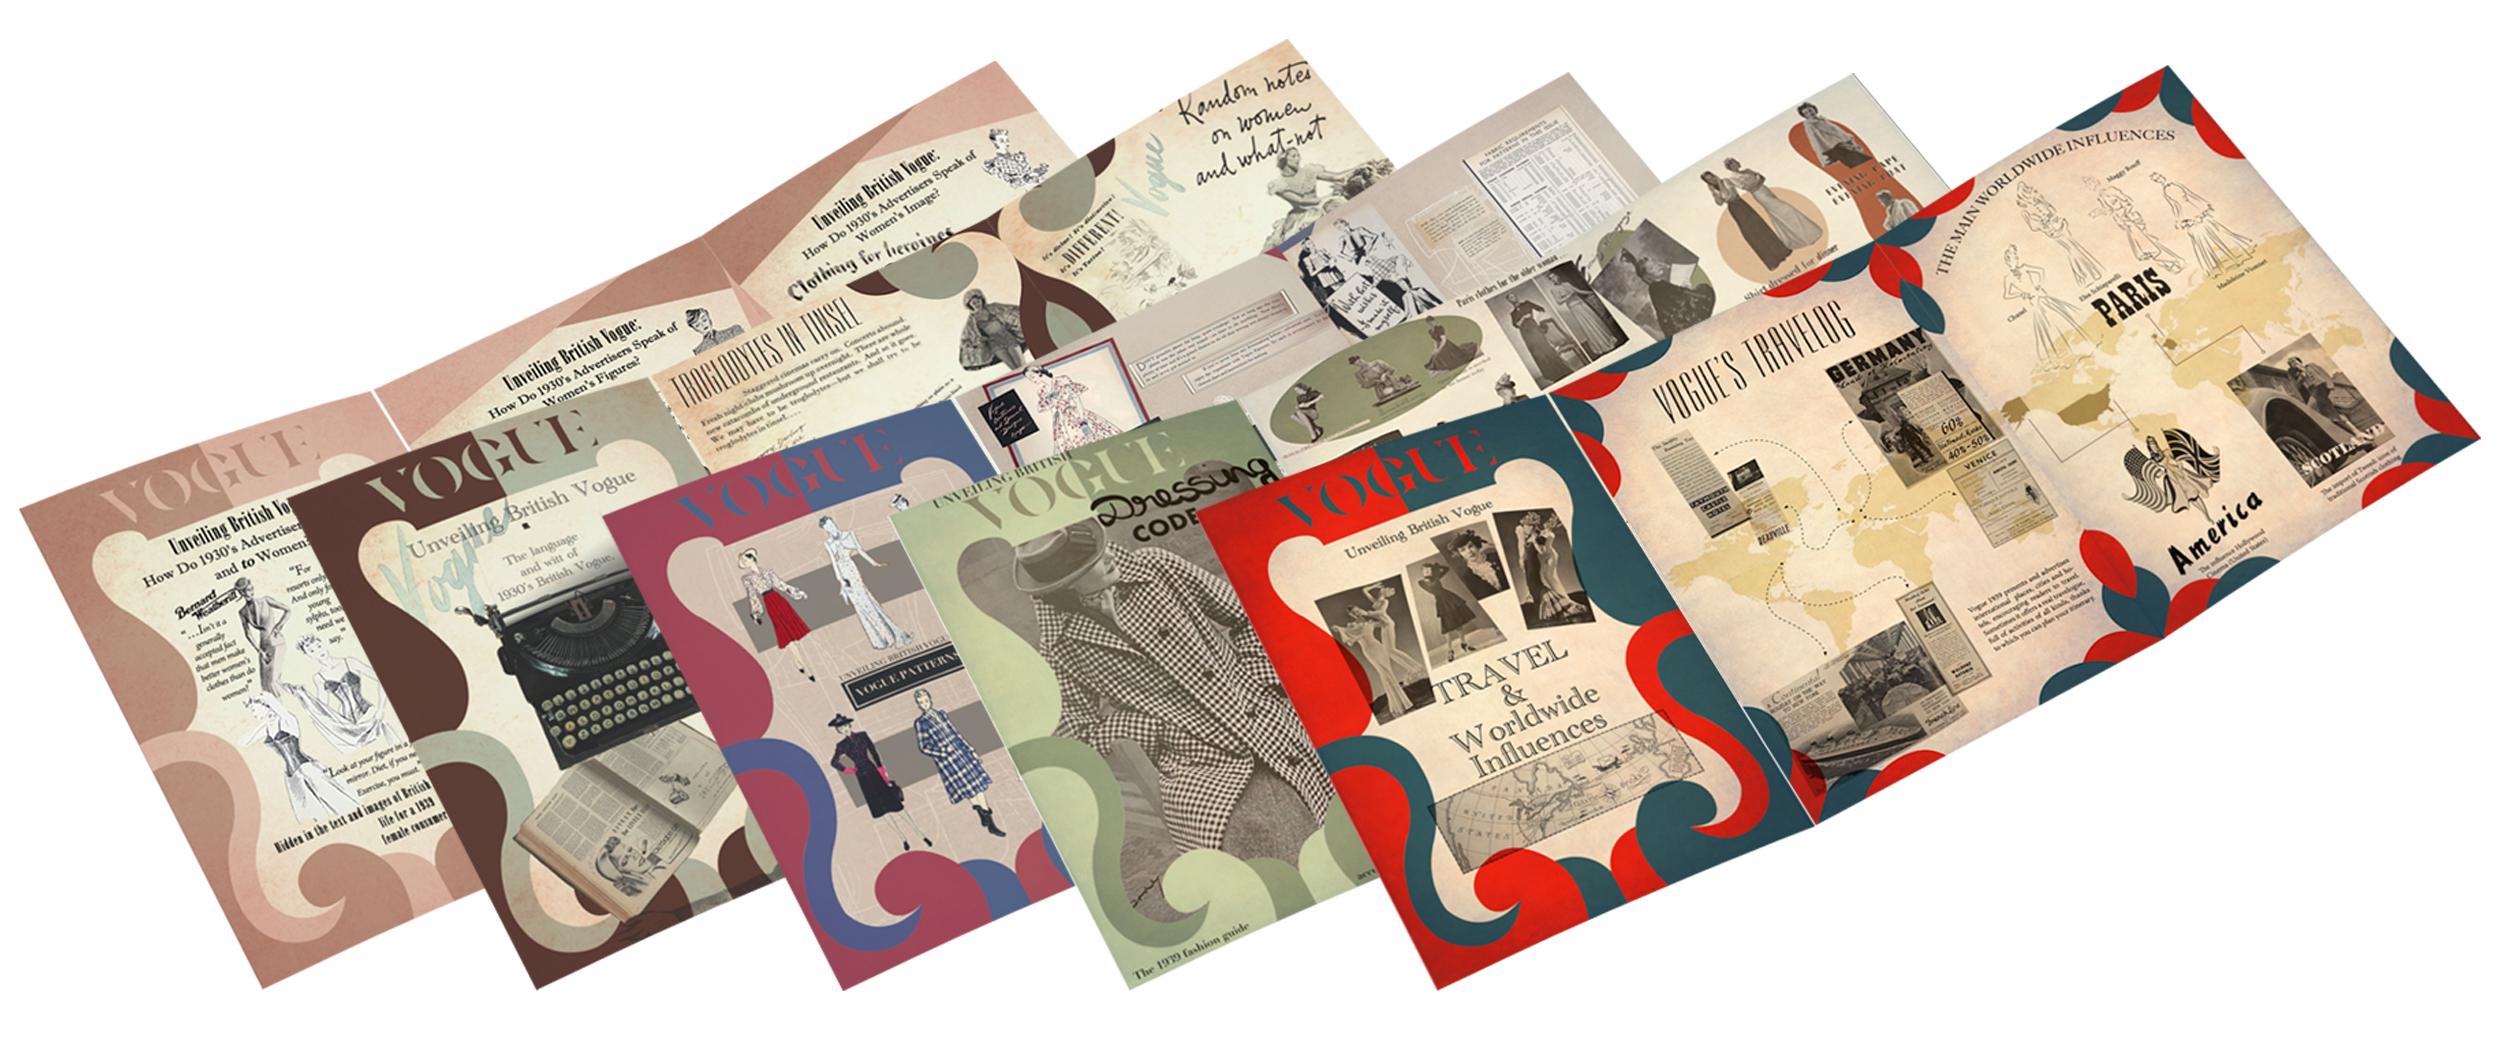 scattered vintage vogue magazines